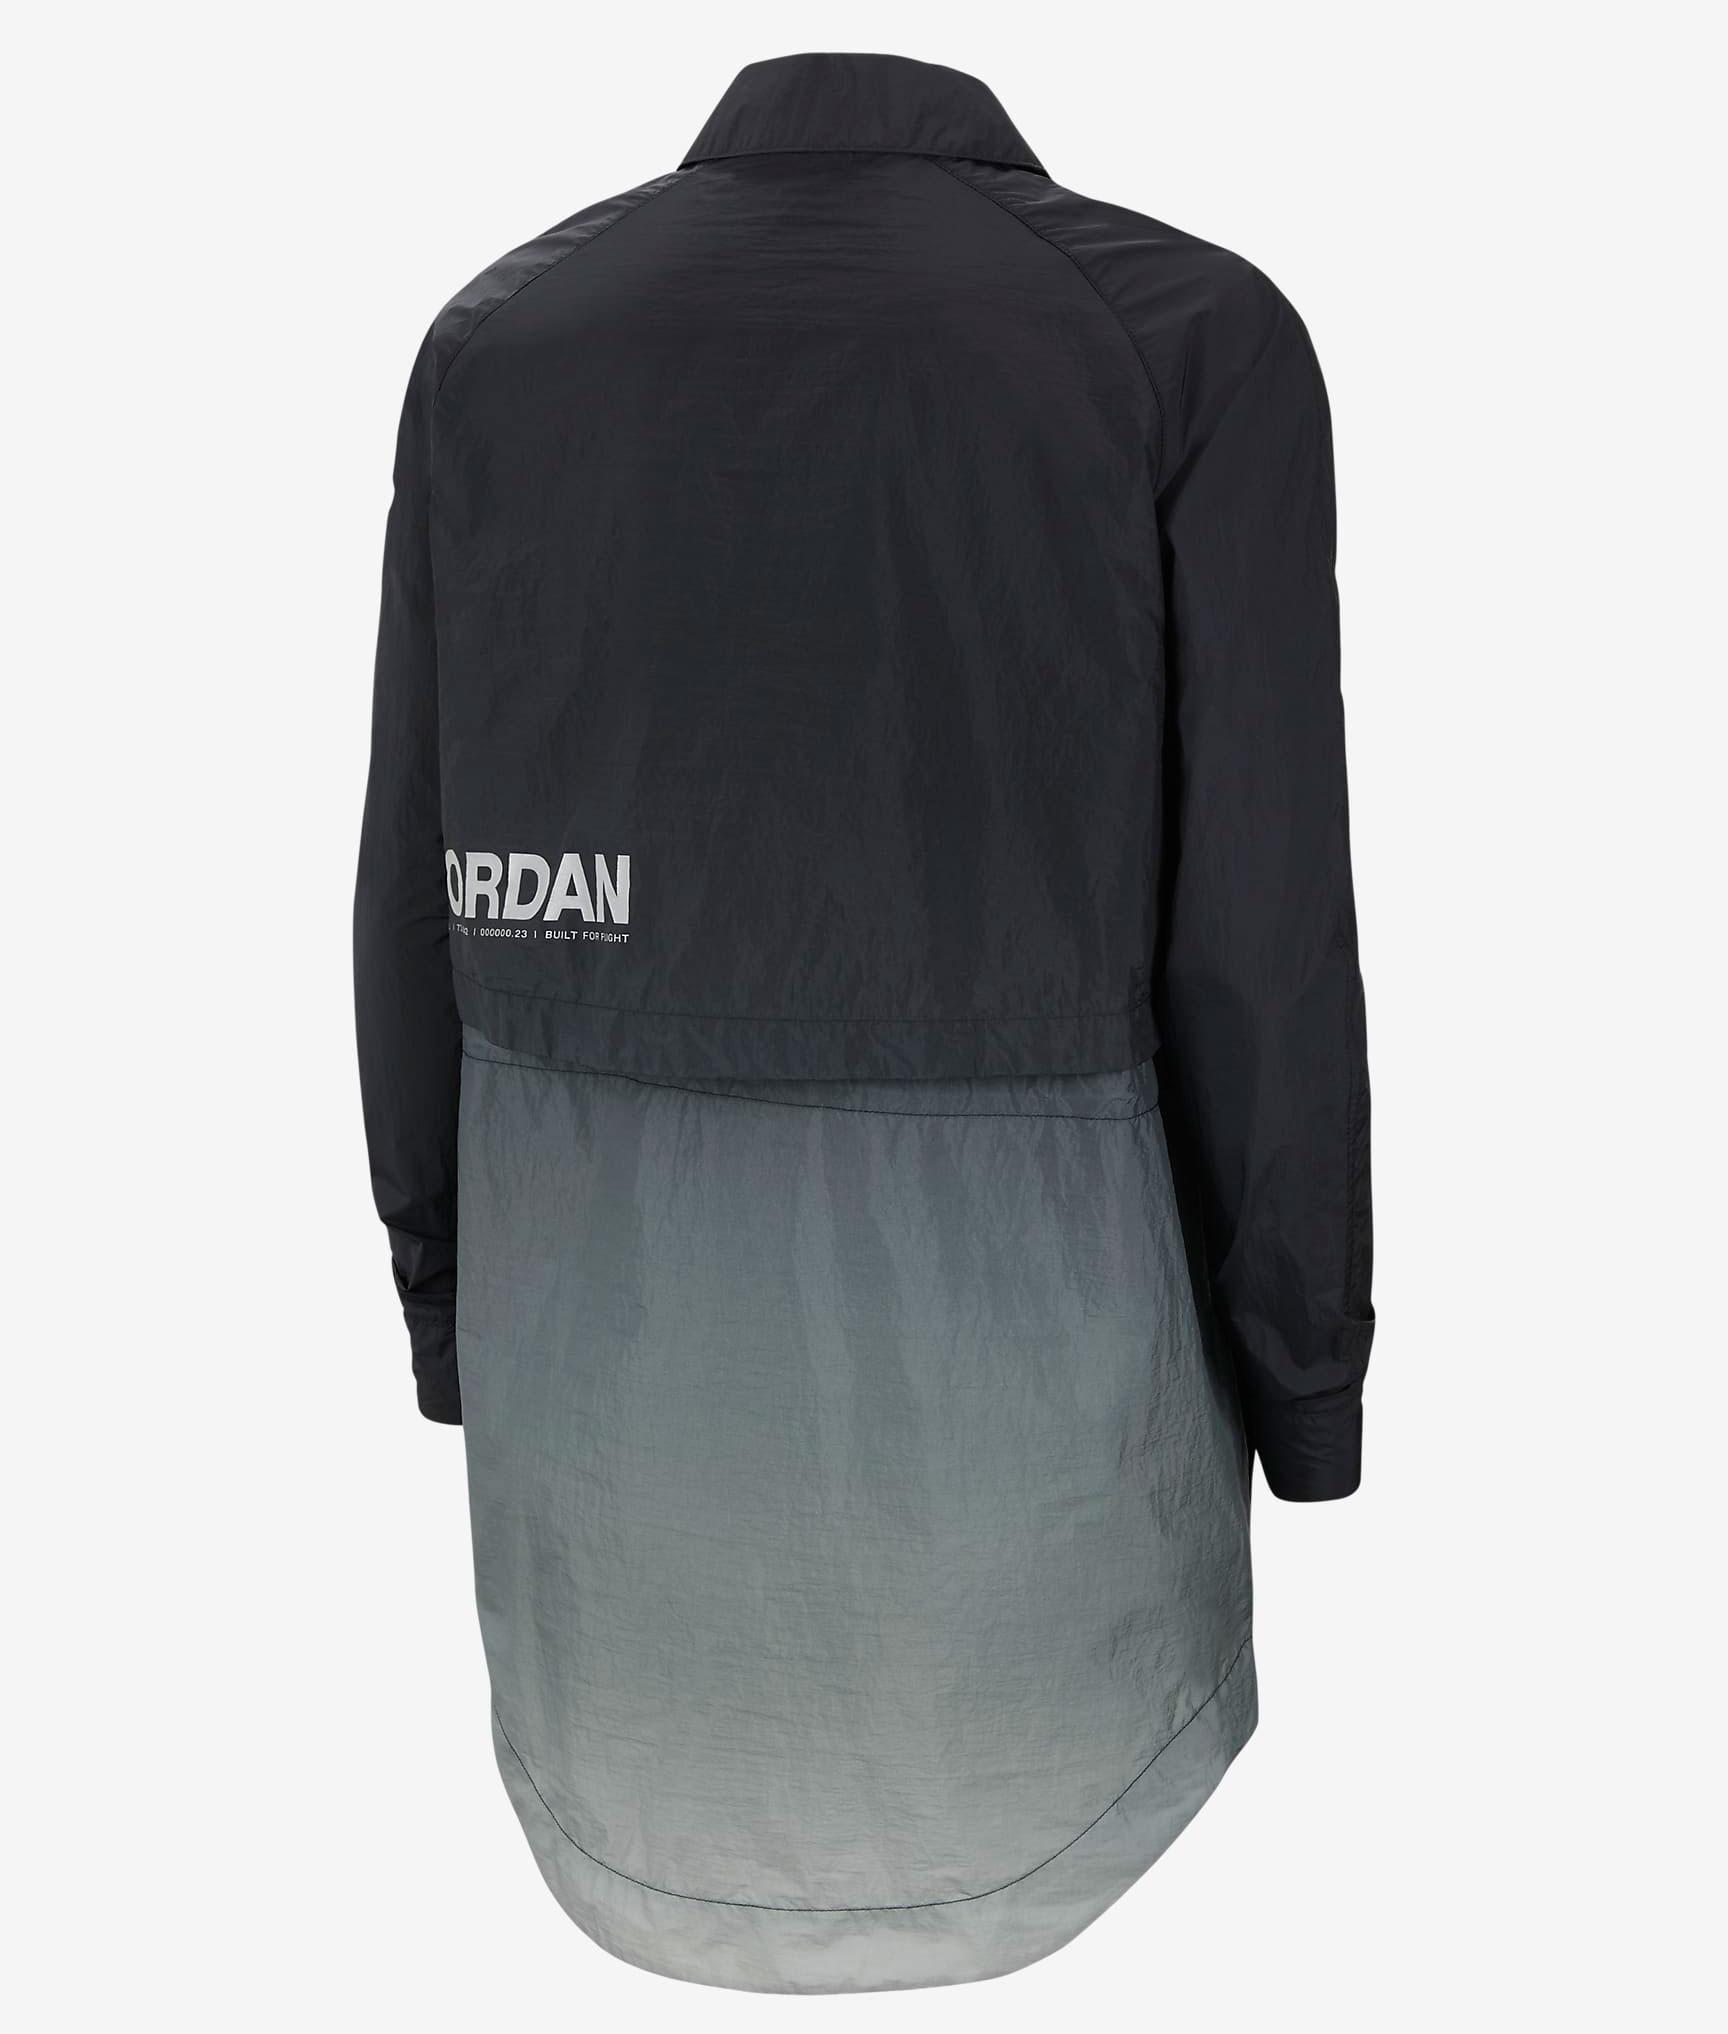 jordan-womens-windbreaker-jacket-black-2